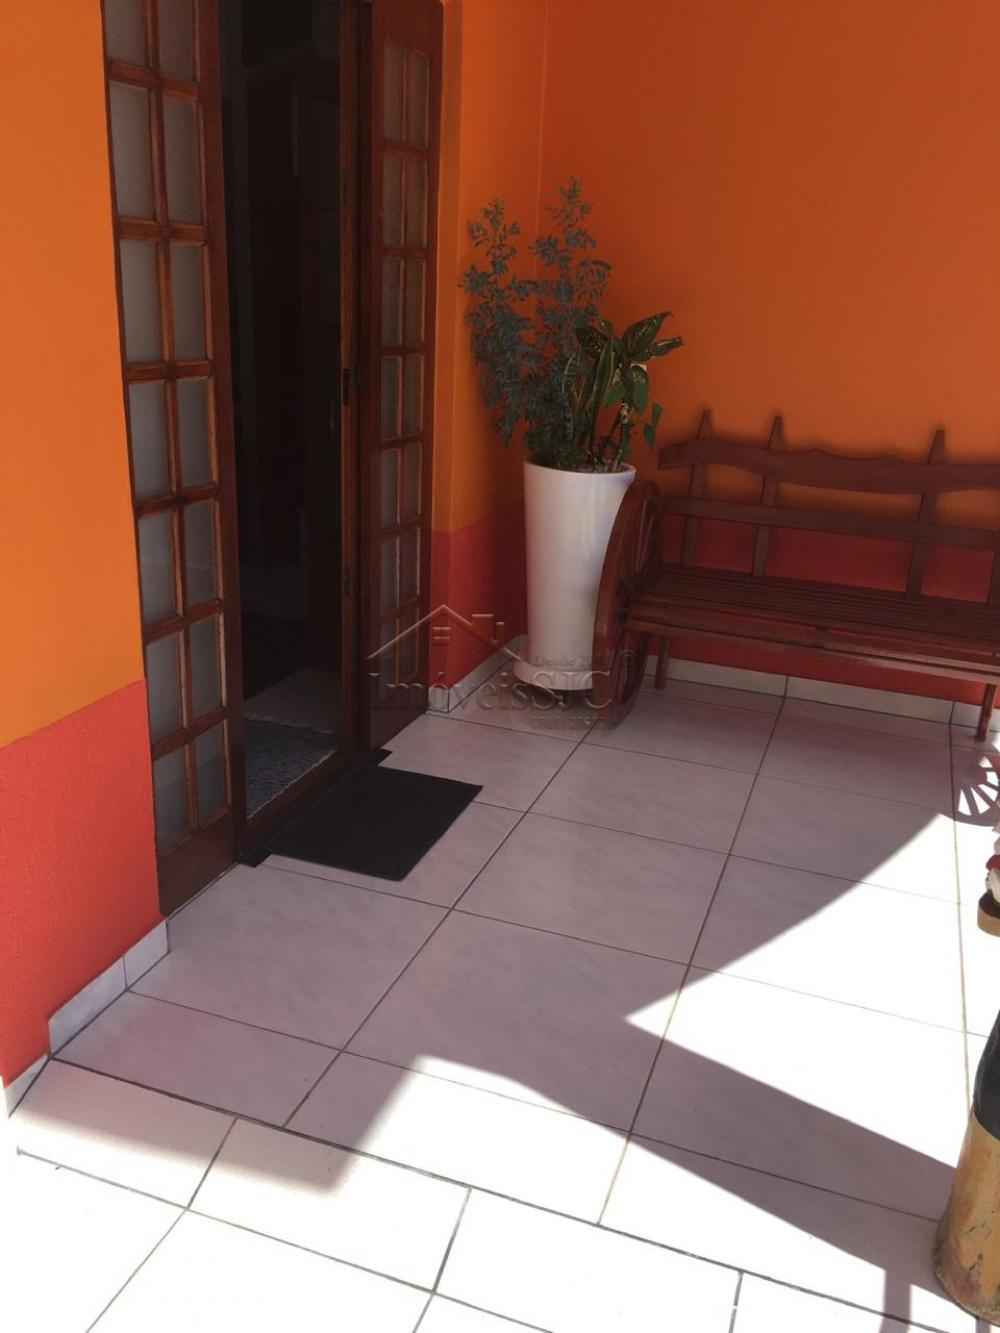 Comprar Casas / Padrão em Jacareí apenas R$ 600.000,00 - Foto 17